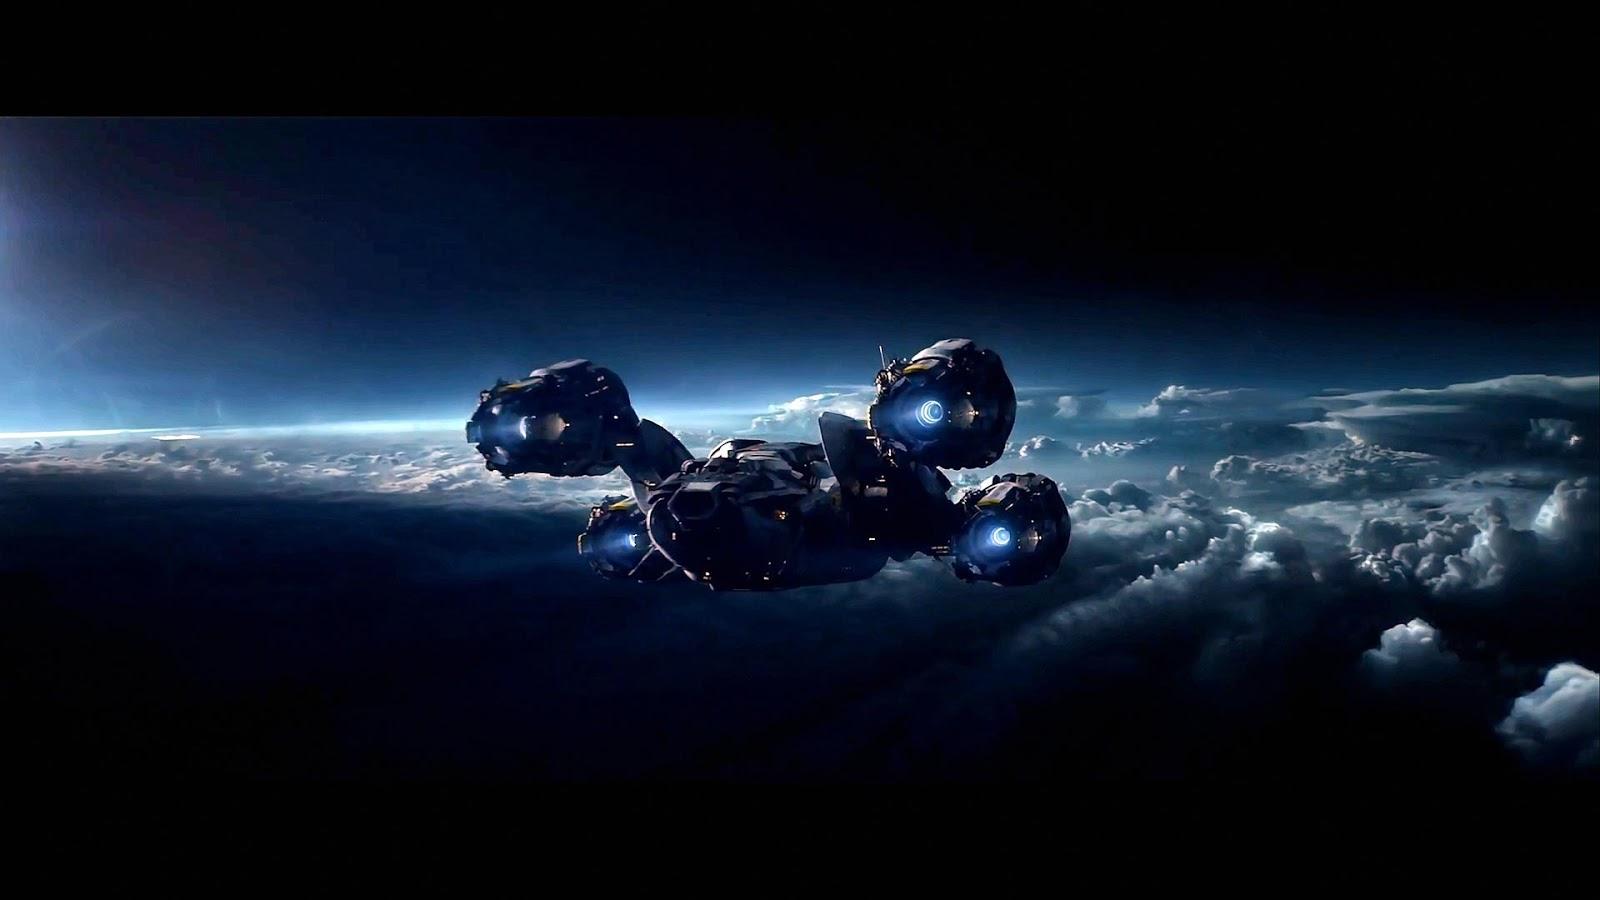 bec824dc8b6 Via libera alla Propulsione nucleare interstellare a frammenti di ...